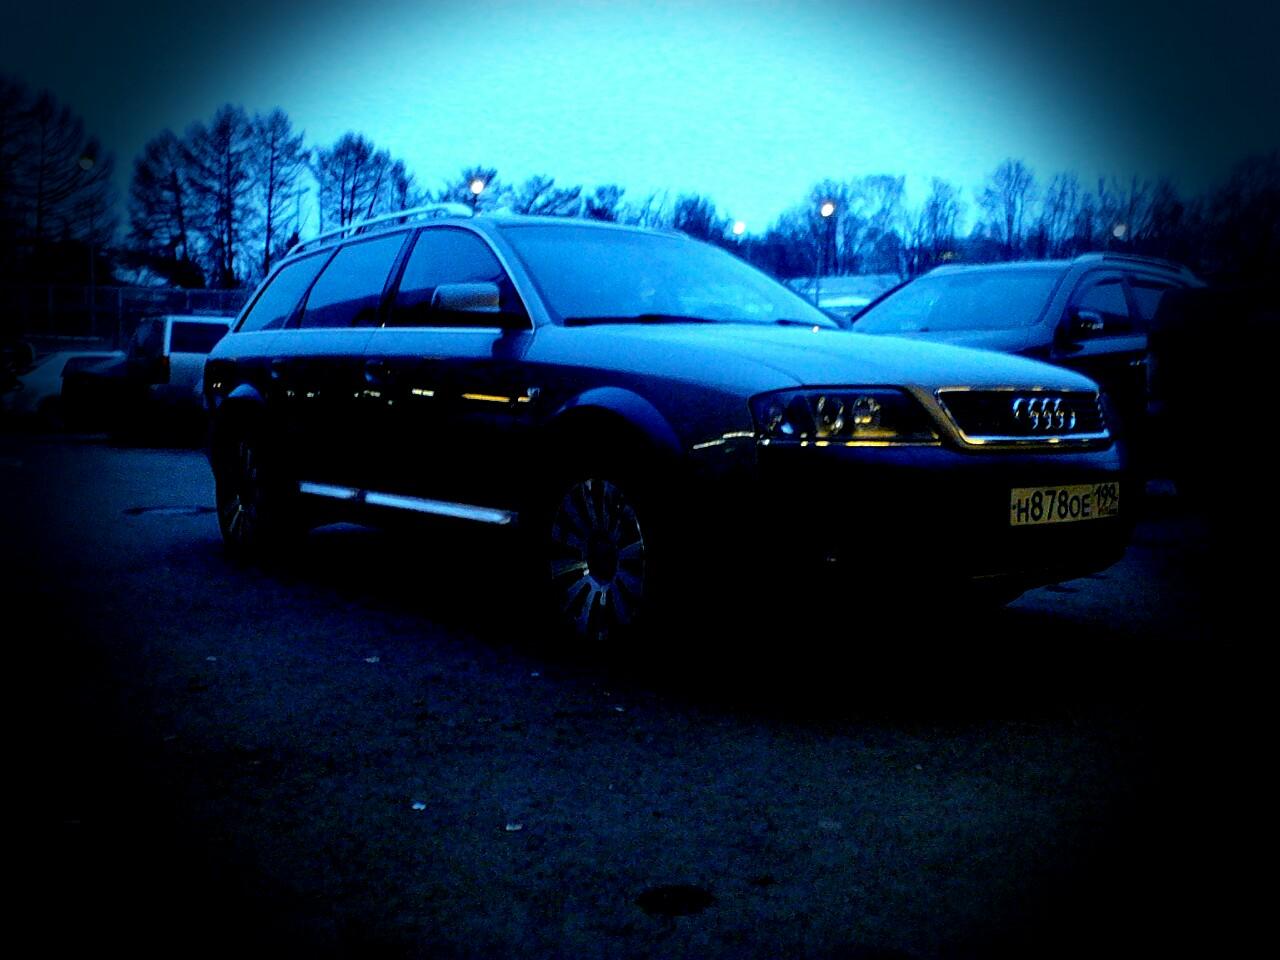 Изображение автомобиля для AUDI для публикации обзора способов обмана потребителей в автосалонах города Москва.